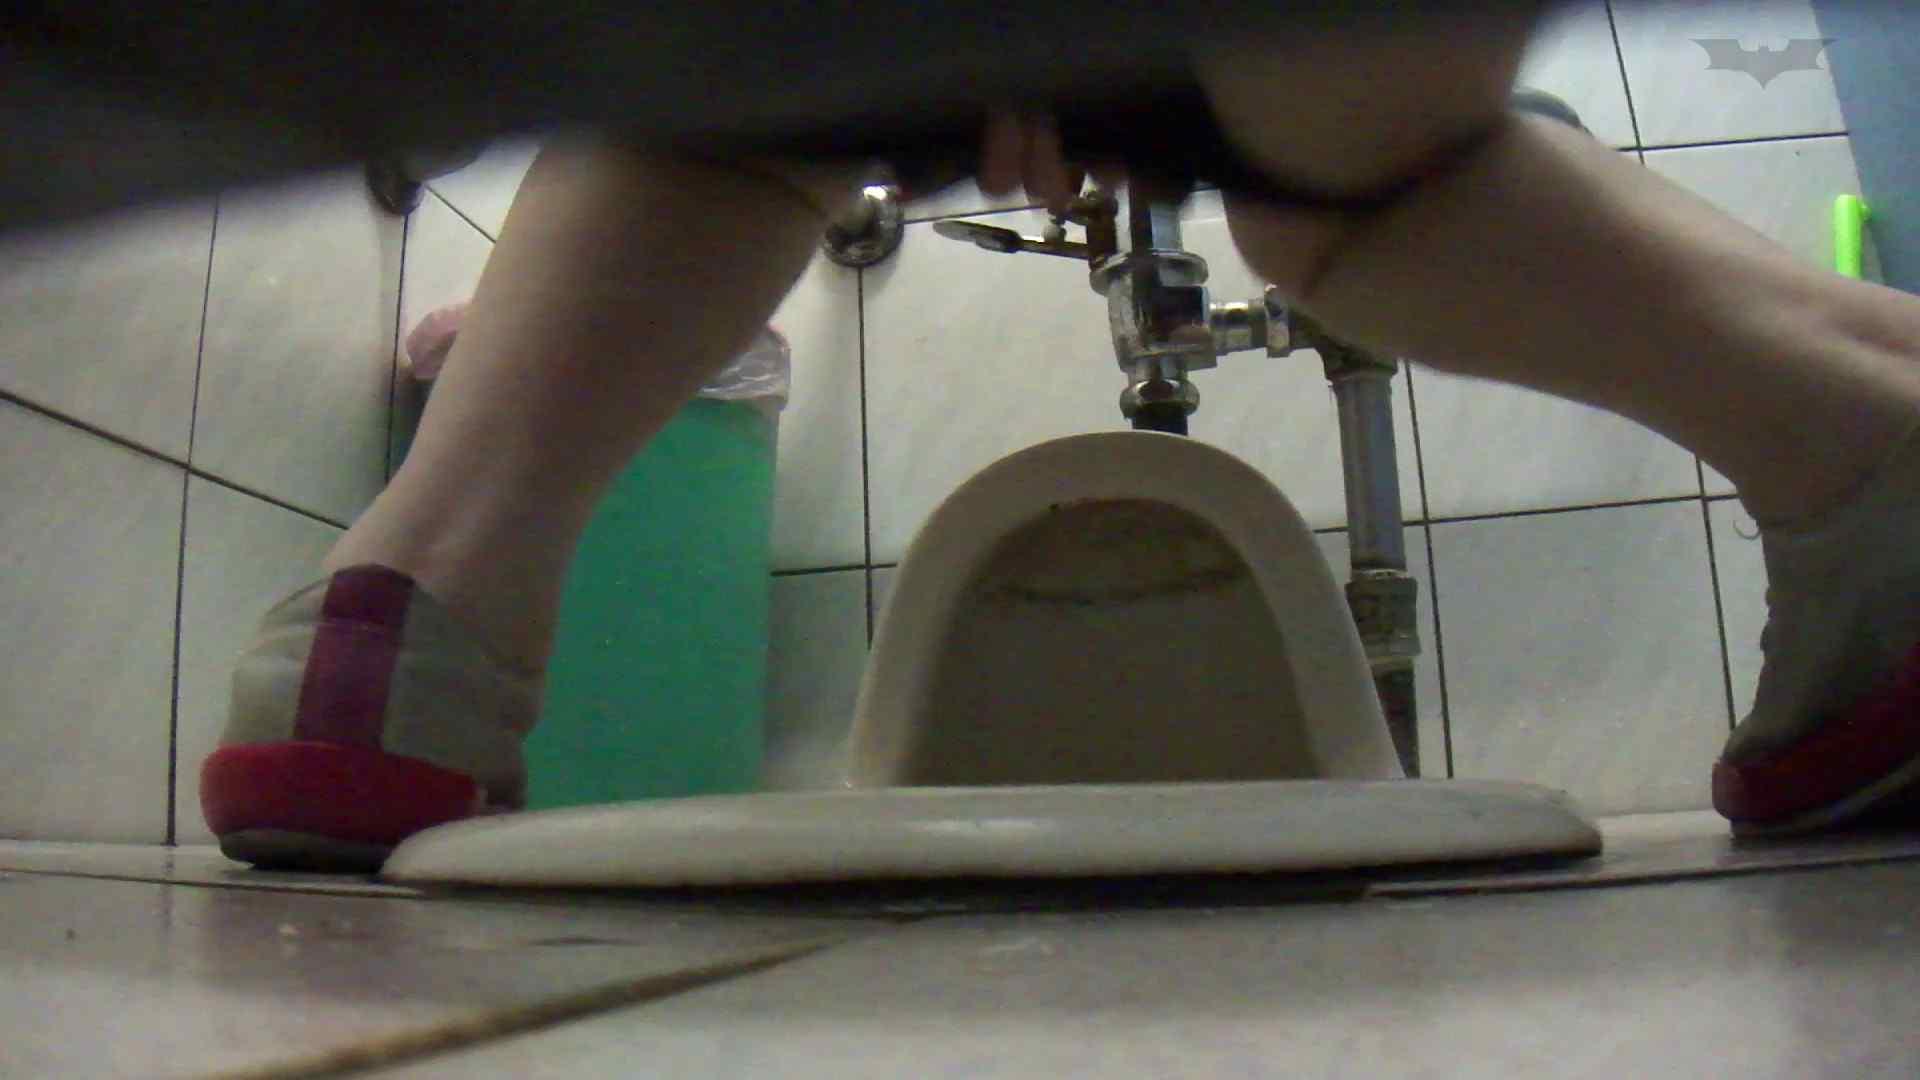 JD盗撮 美女の洗面所の秘密 Vol.76 高画質 オメコ無修正動画無料 99画像 28